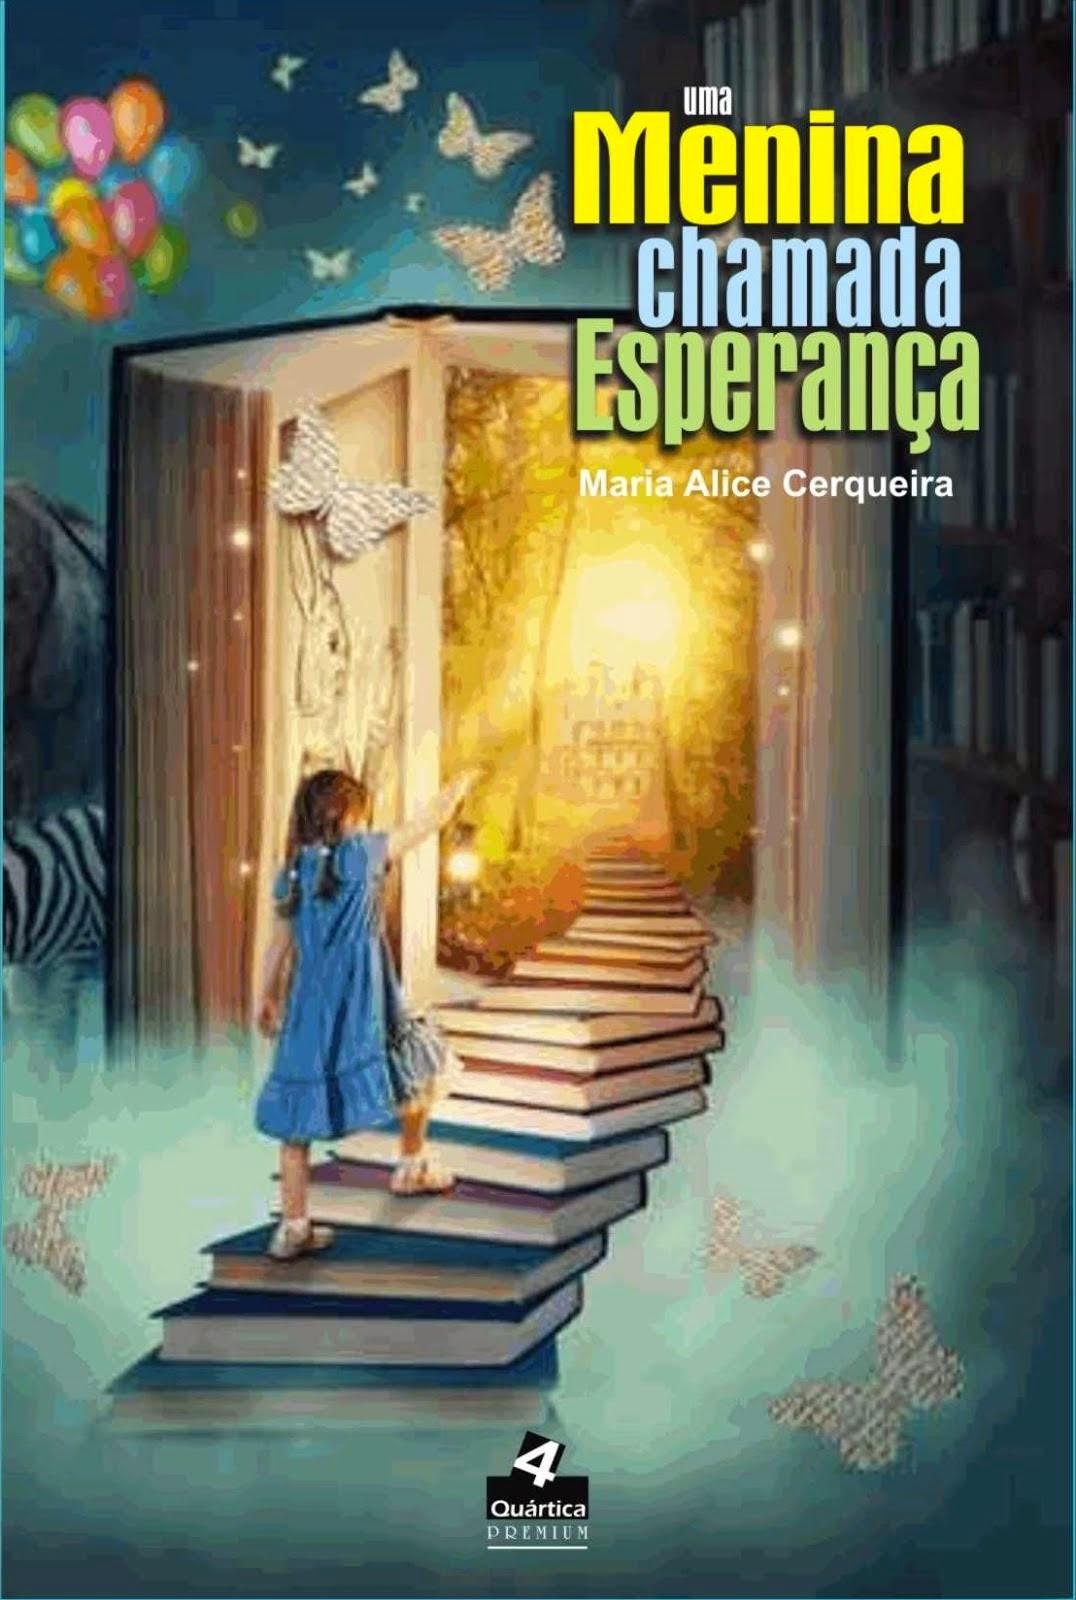 Meu terceiro livro publicado!